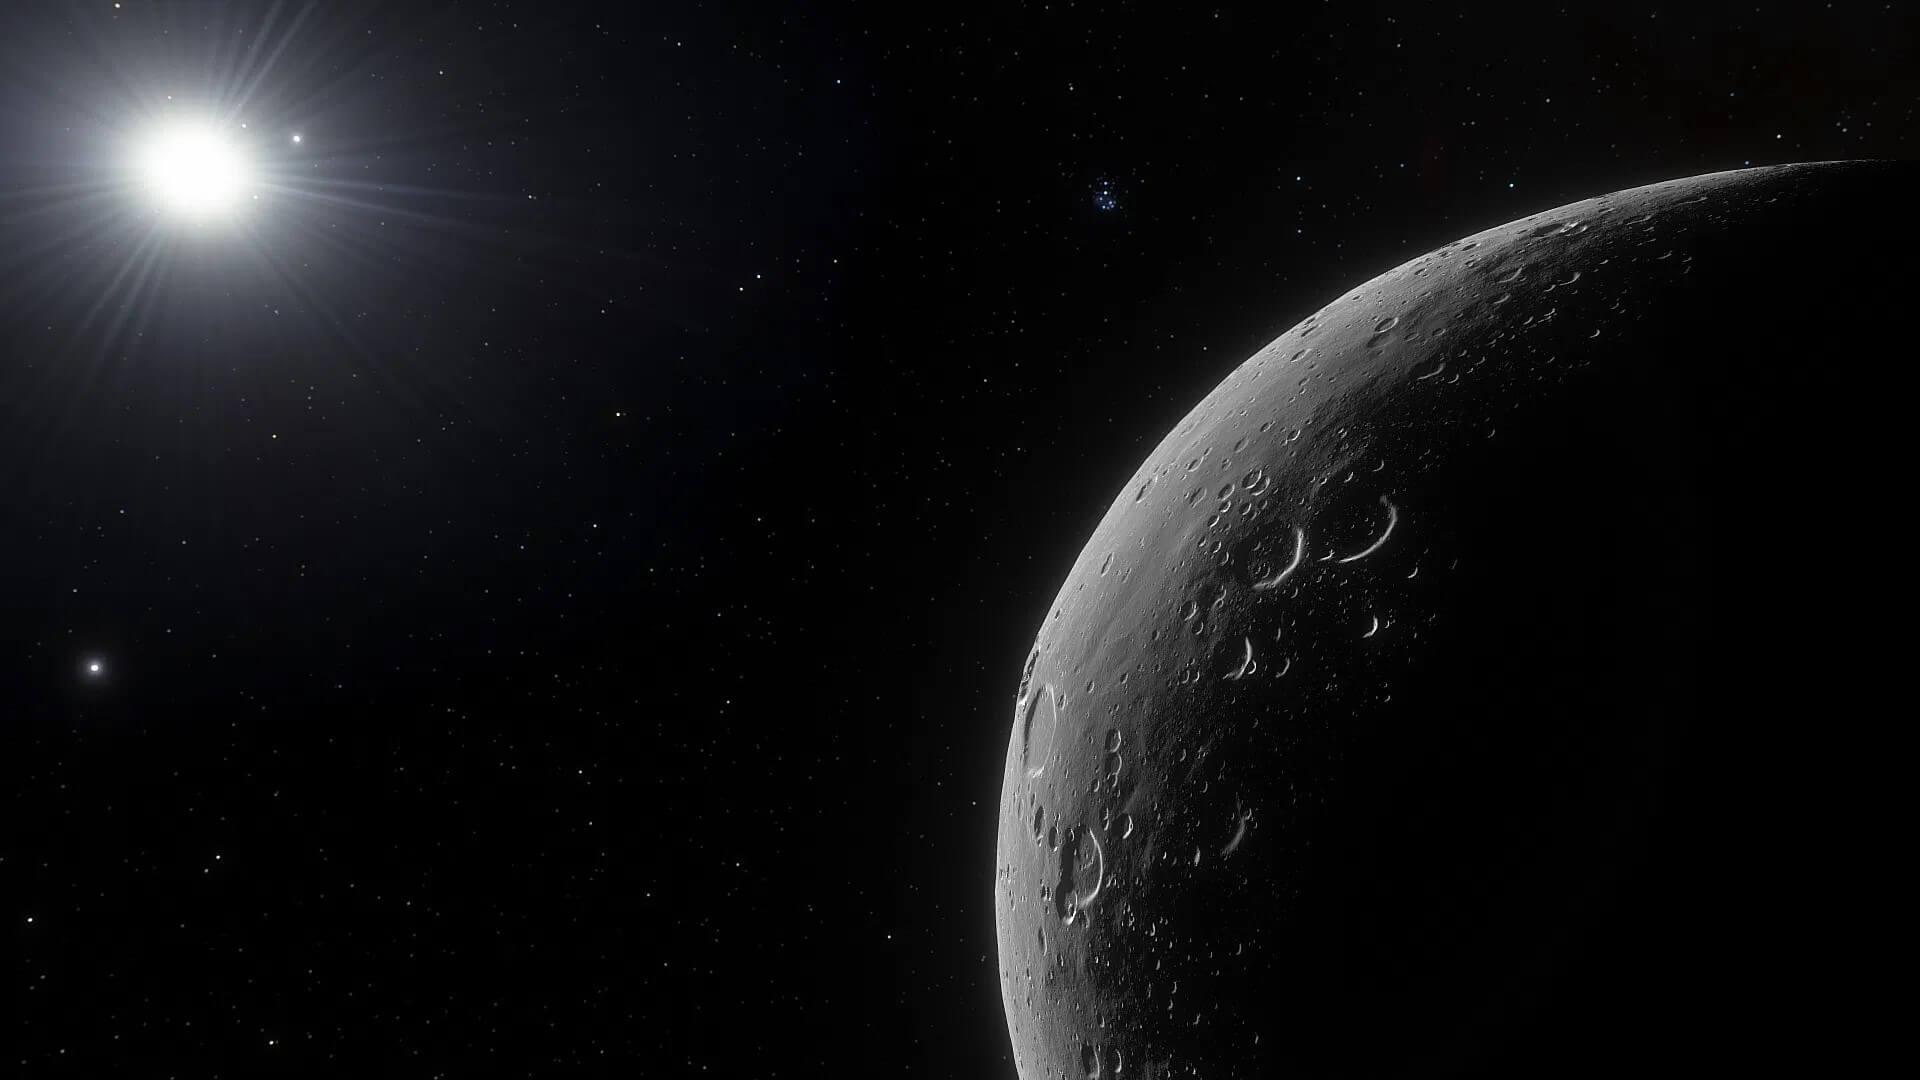 Pallas in Aquarius